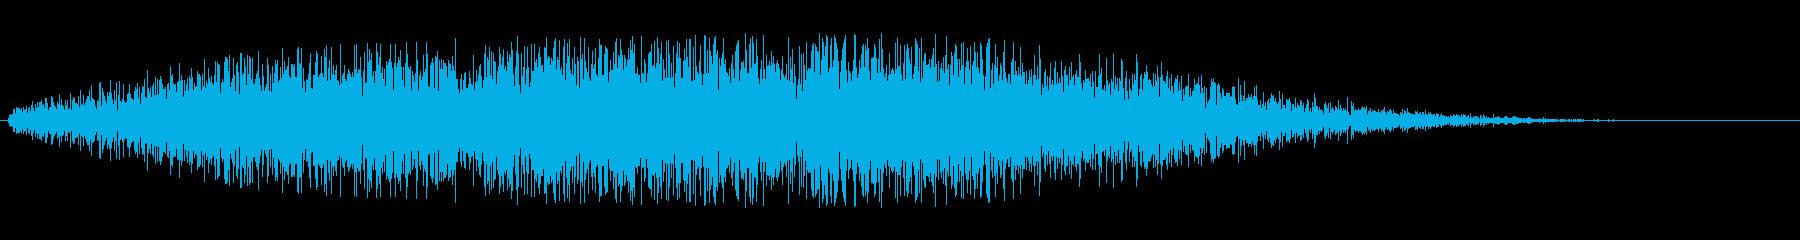 無機質な音(見えない力のはたらきなど)の再生済みの波形